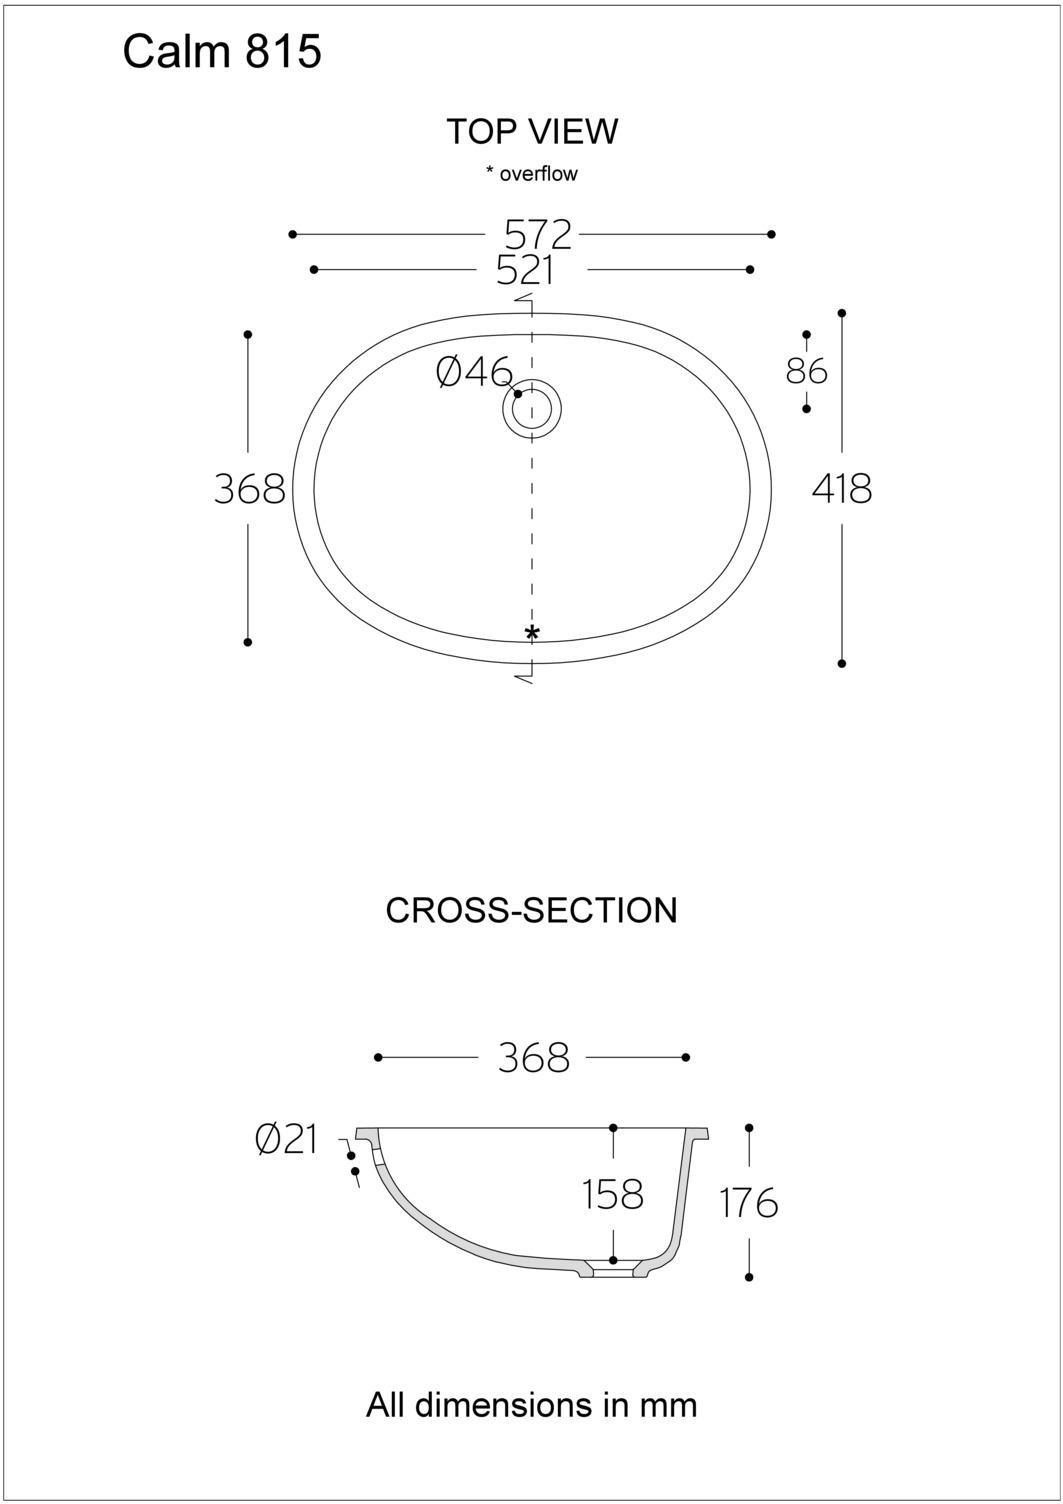 DUPONT_CORIAN_CALM815_2D_PDF[0]